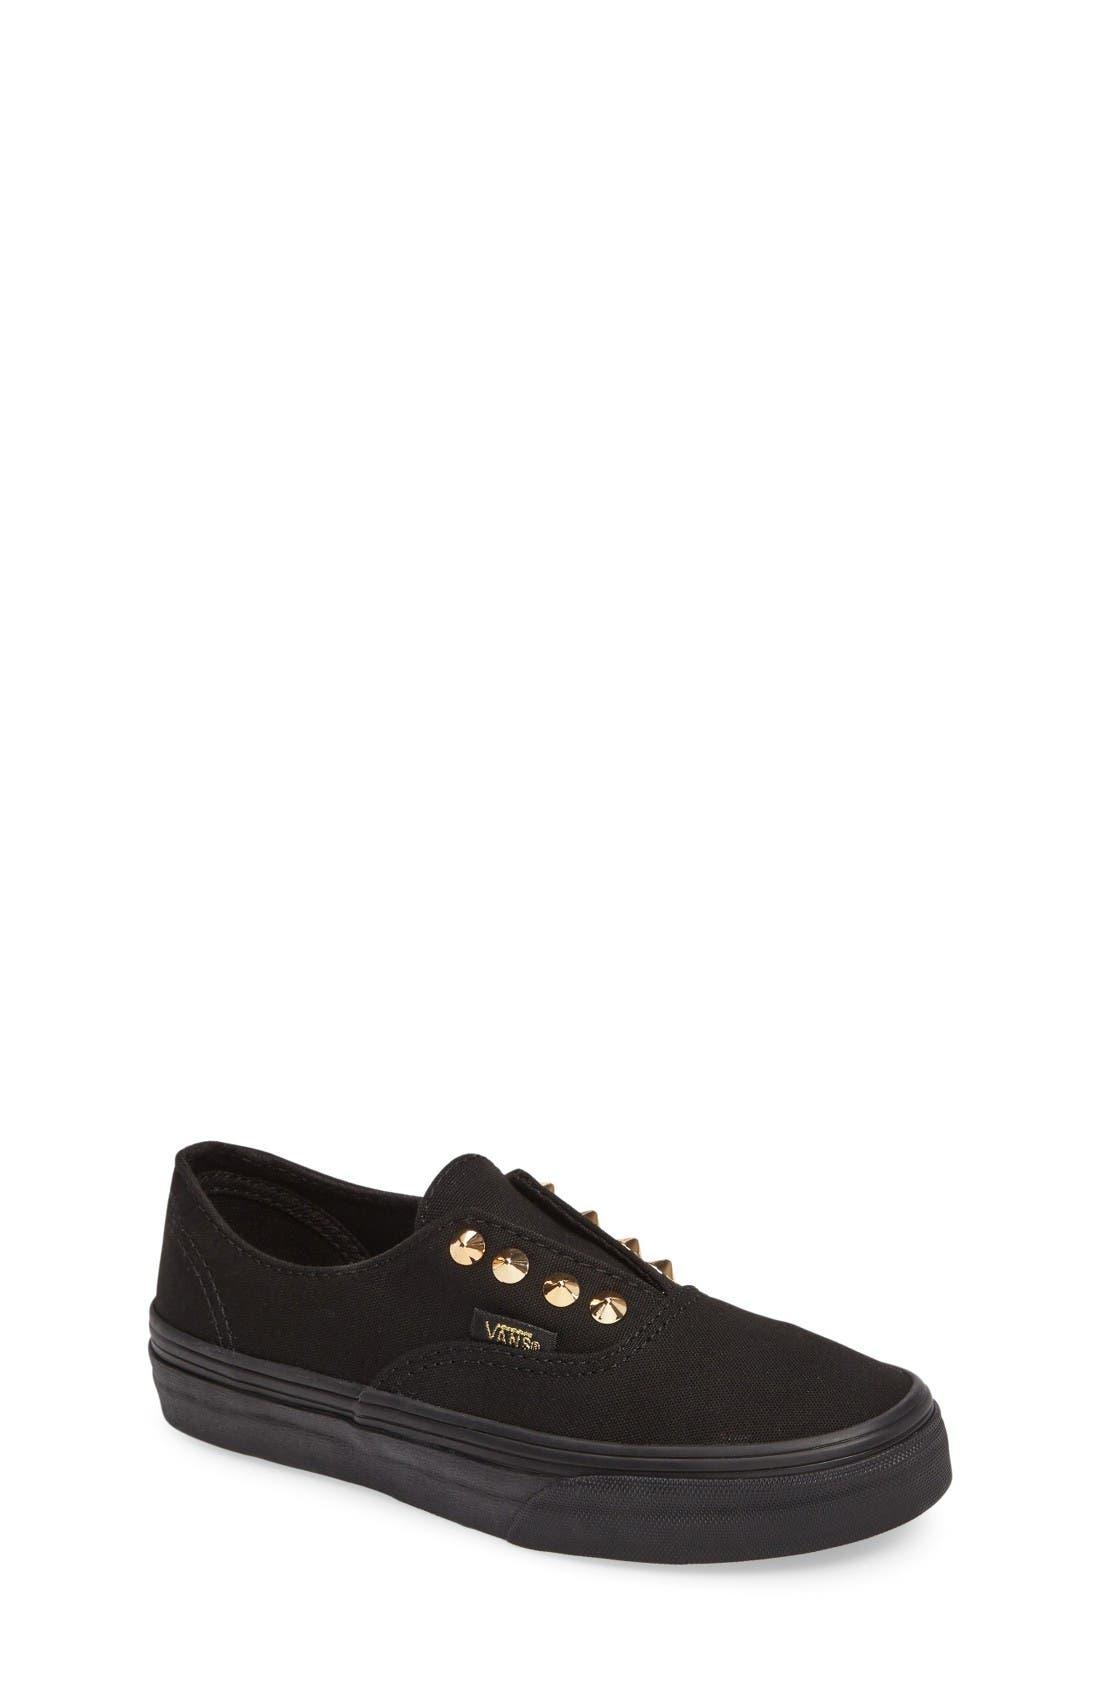 VANS Authentic Studded Slip-On Sneaker